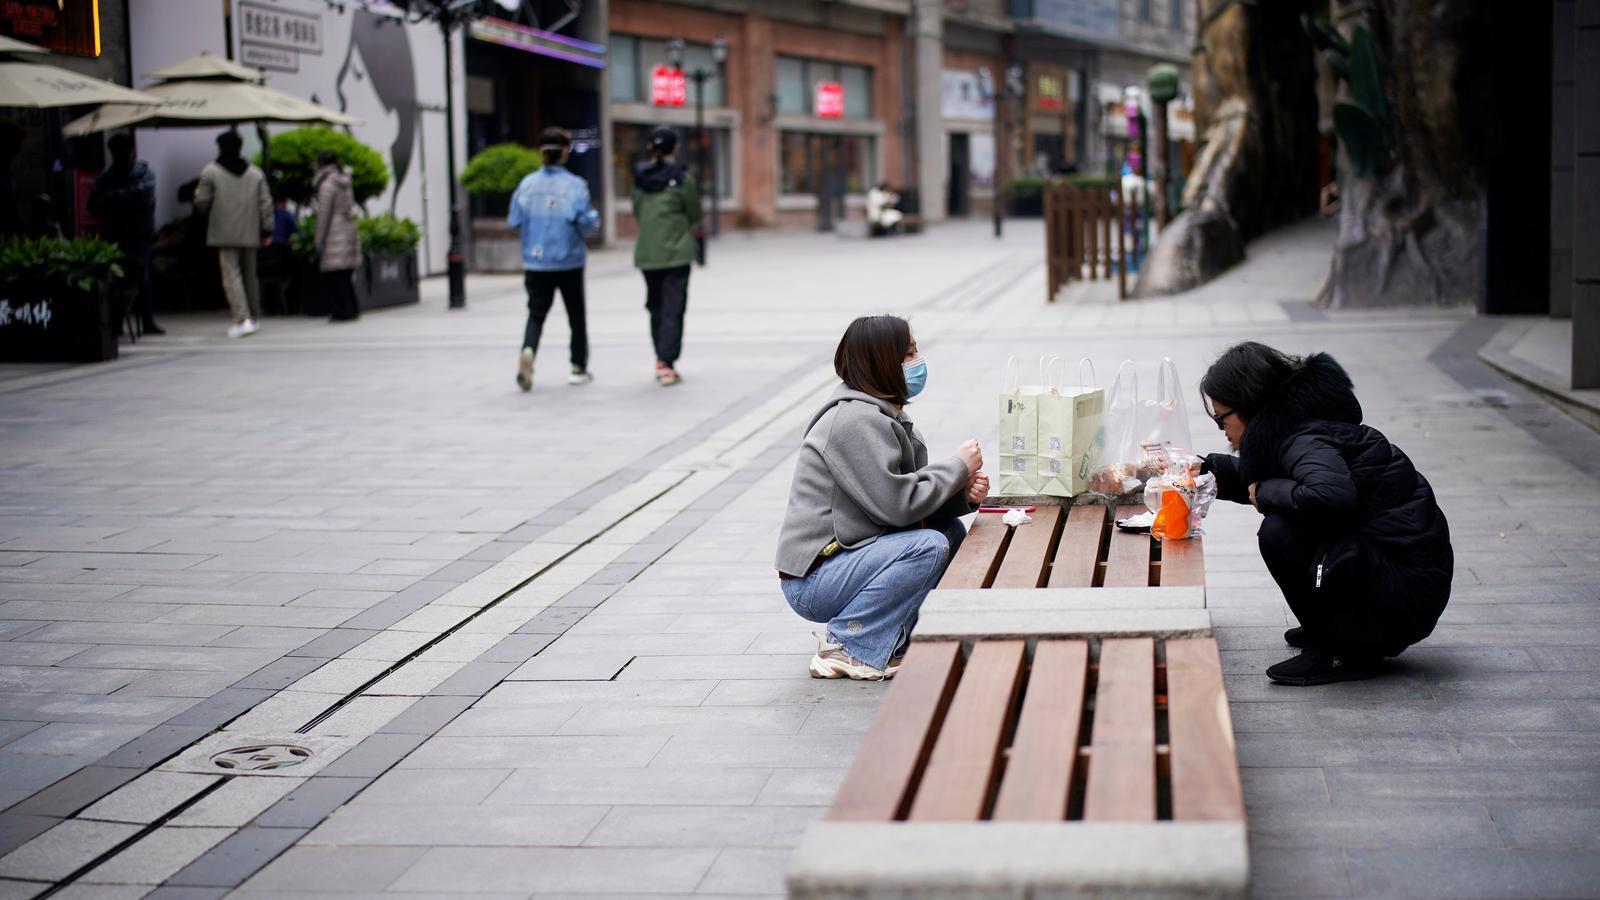 Dues persones mengen en un banc en un carrer comercial de Wuhan, l'epicentre del brot de coronavirus a la Xina que comença a recuperar la normalitat.